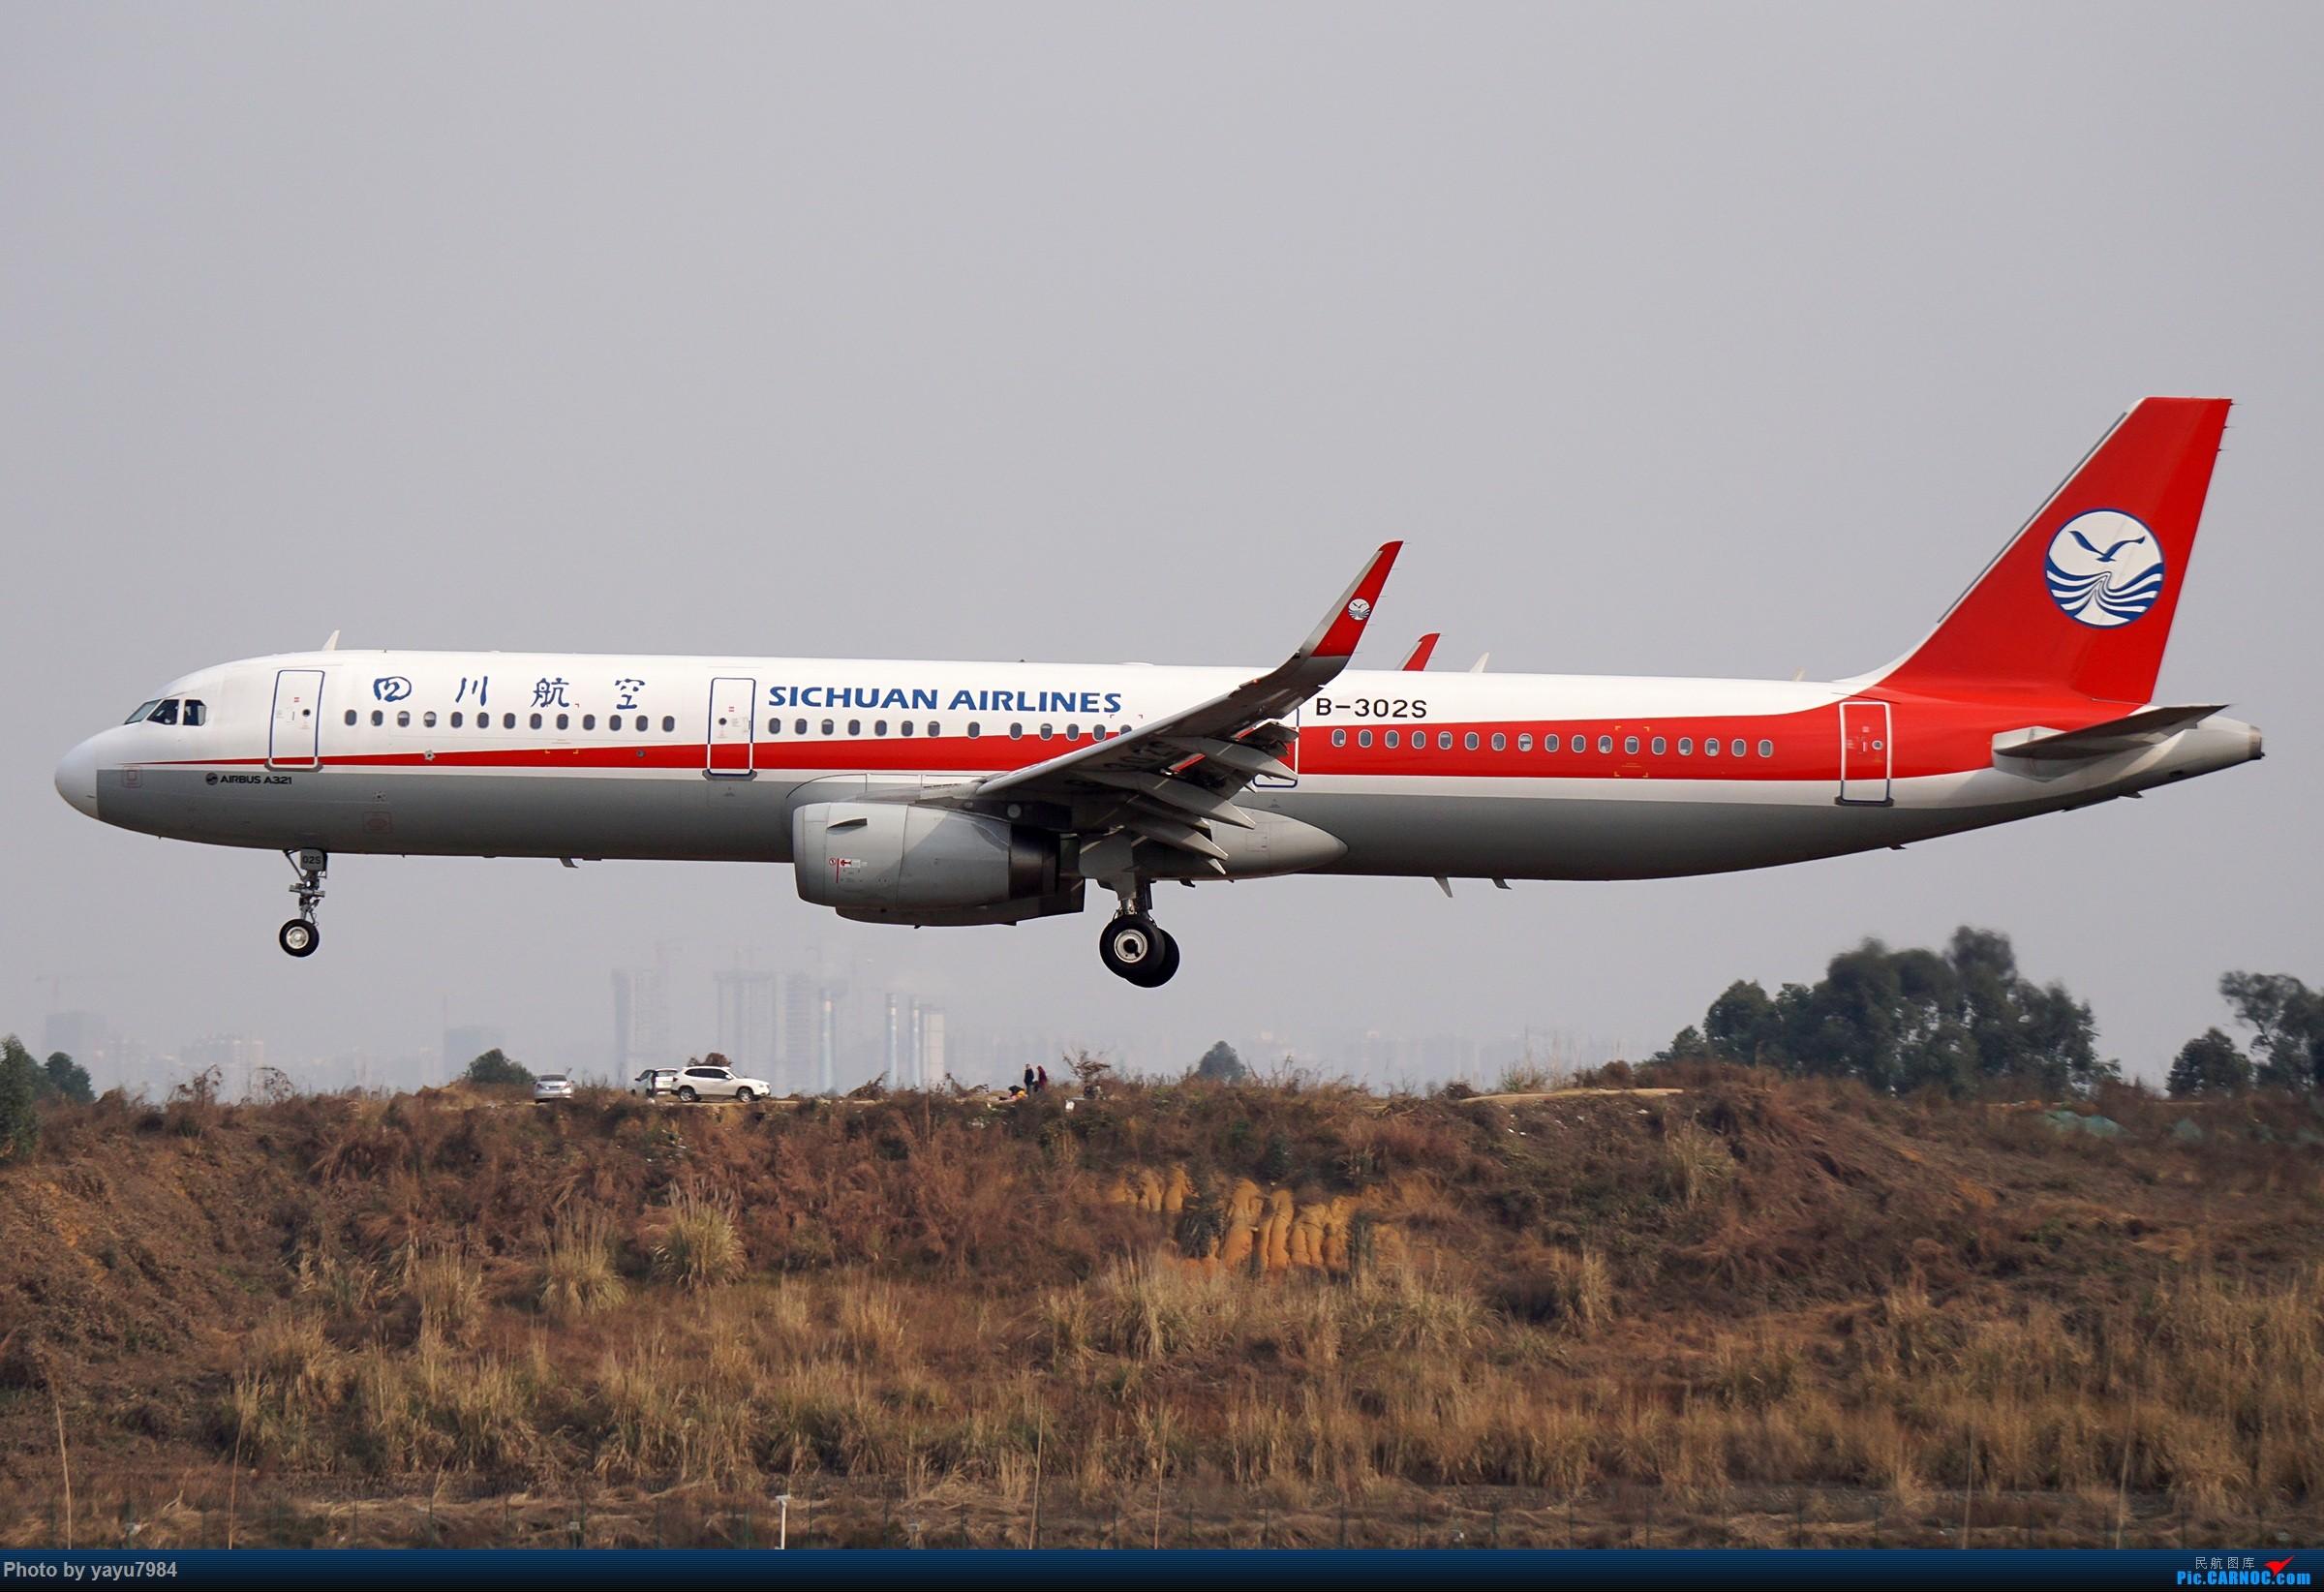 Re:[原创][CTU] 成卢兹02R拍机集锦 AIRBUS A321-200 B-302S 中国成都双流国际机场